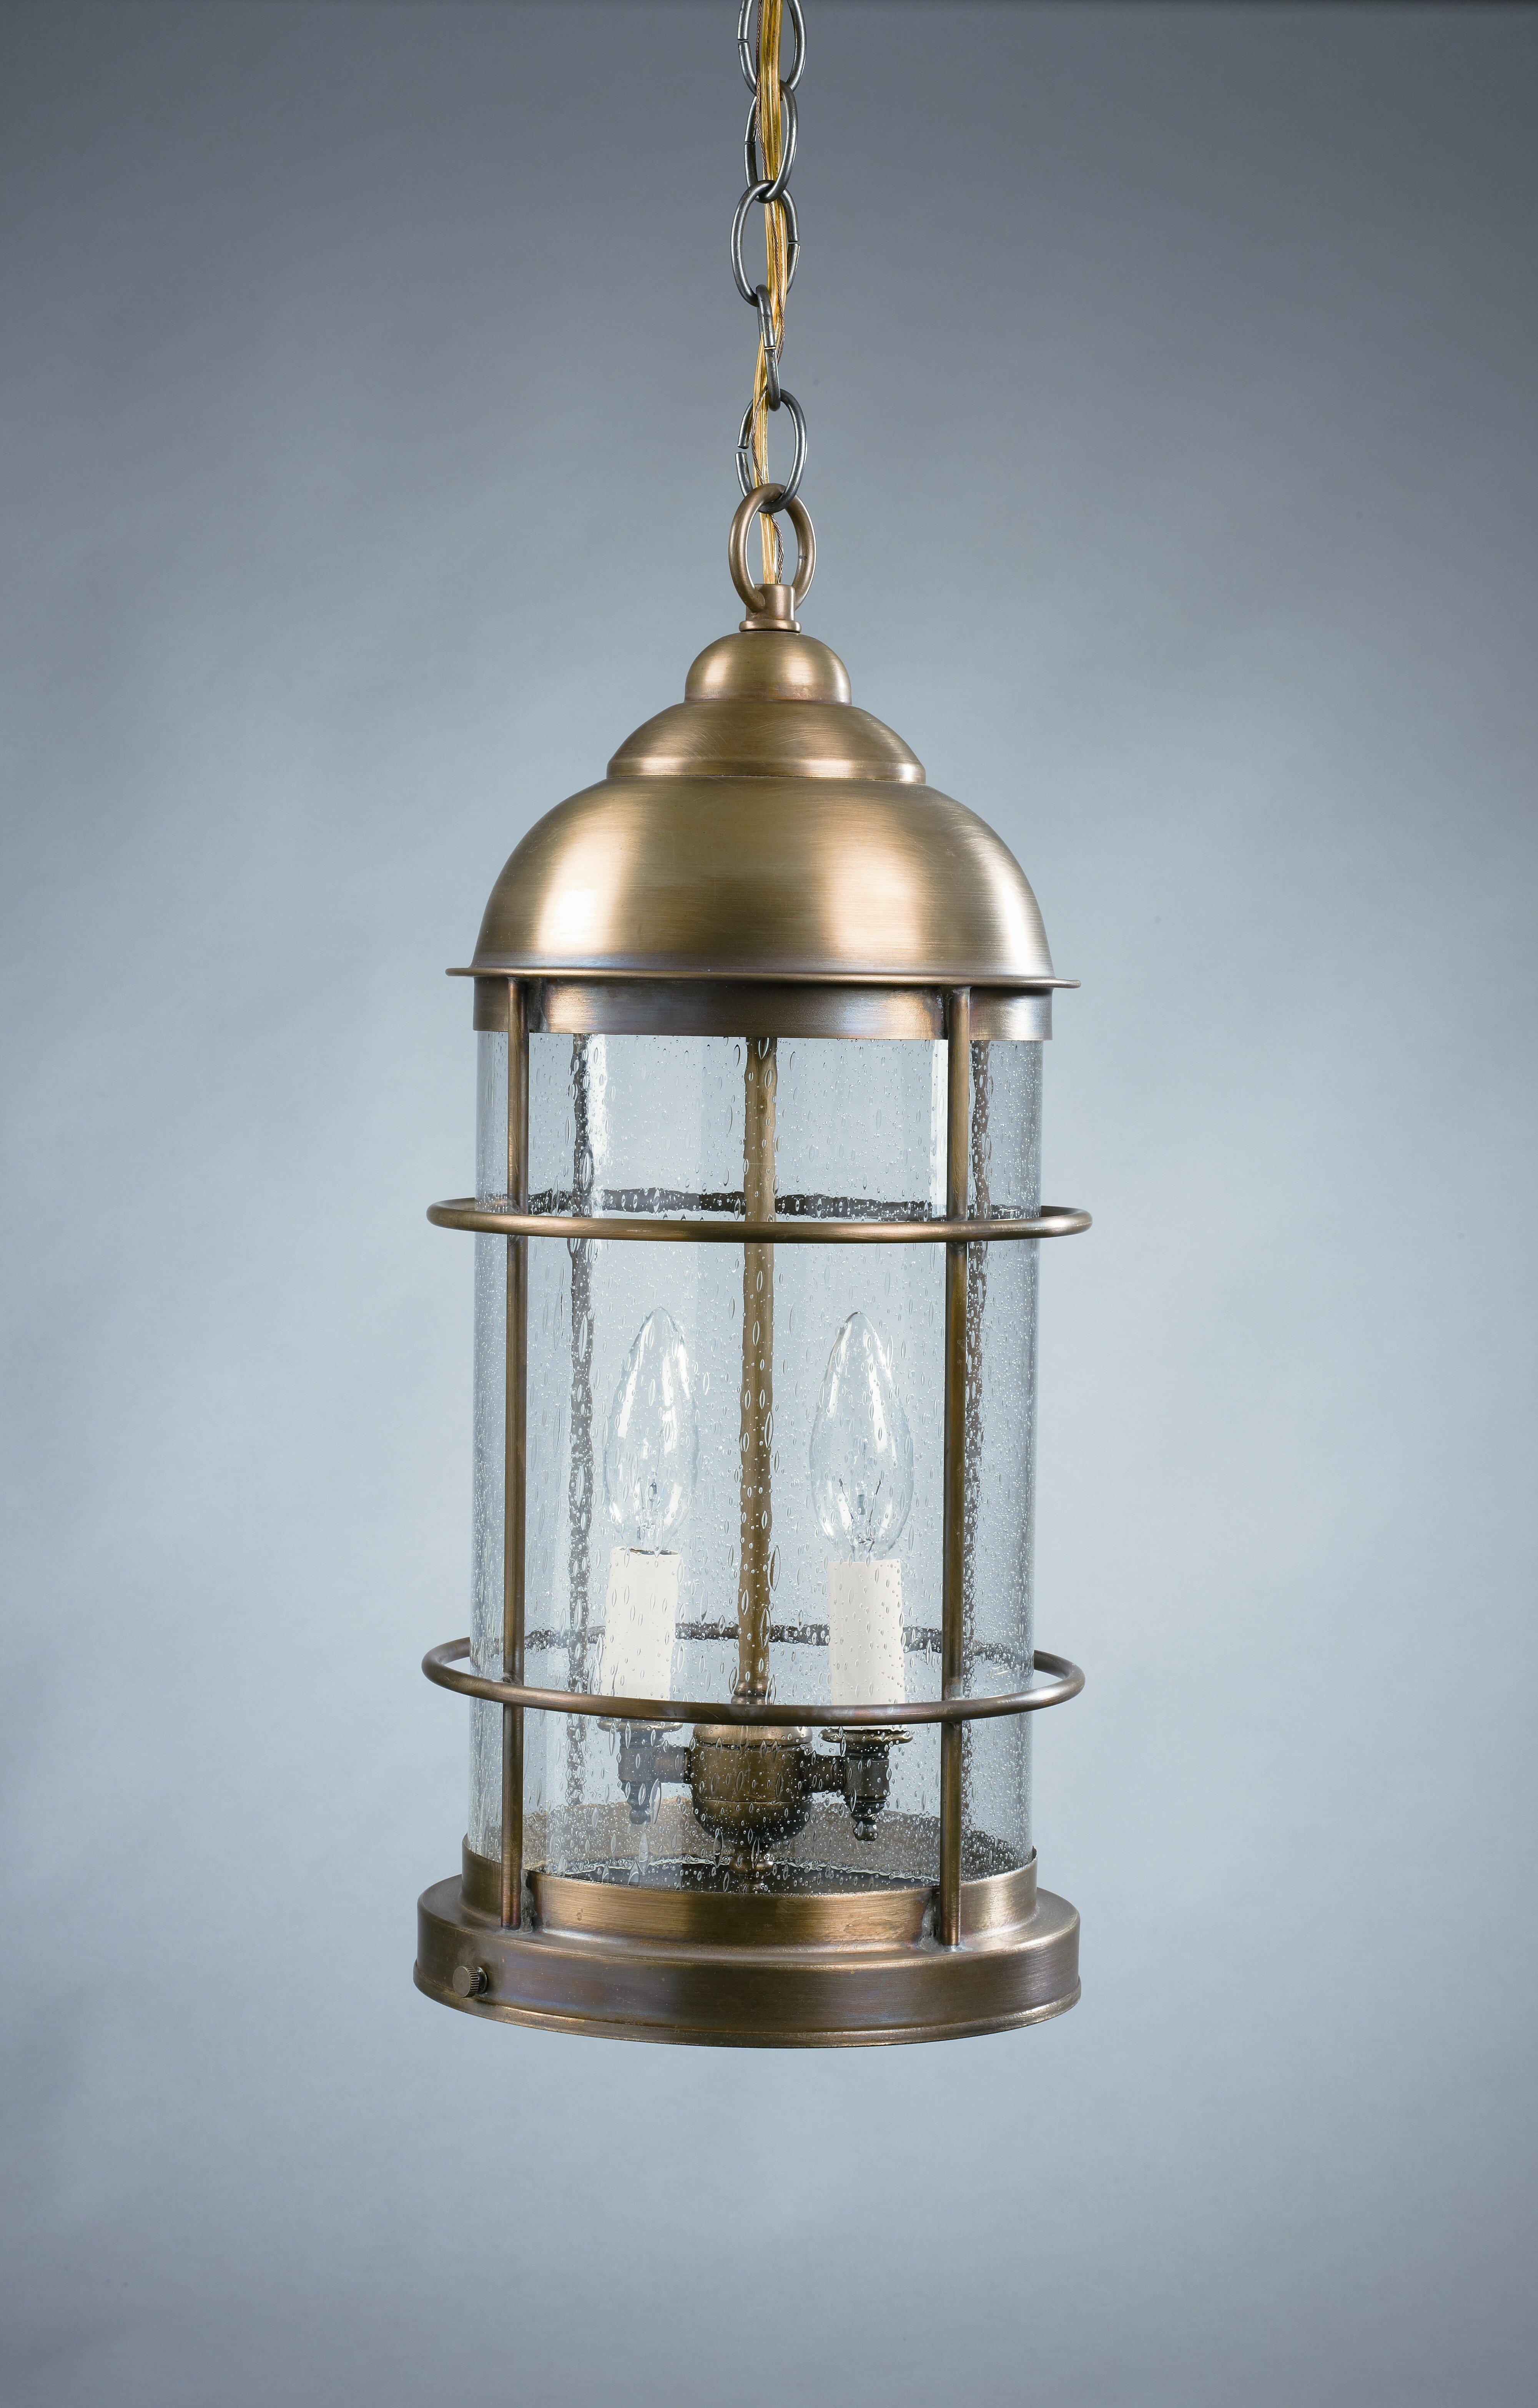 Northeast Lantern Nautical 2-Light Outdoor Hanging Lantern & Reviews ...